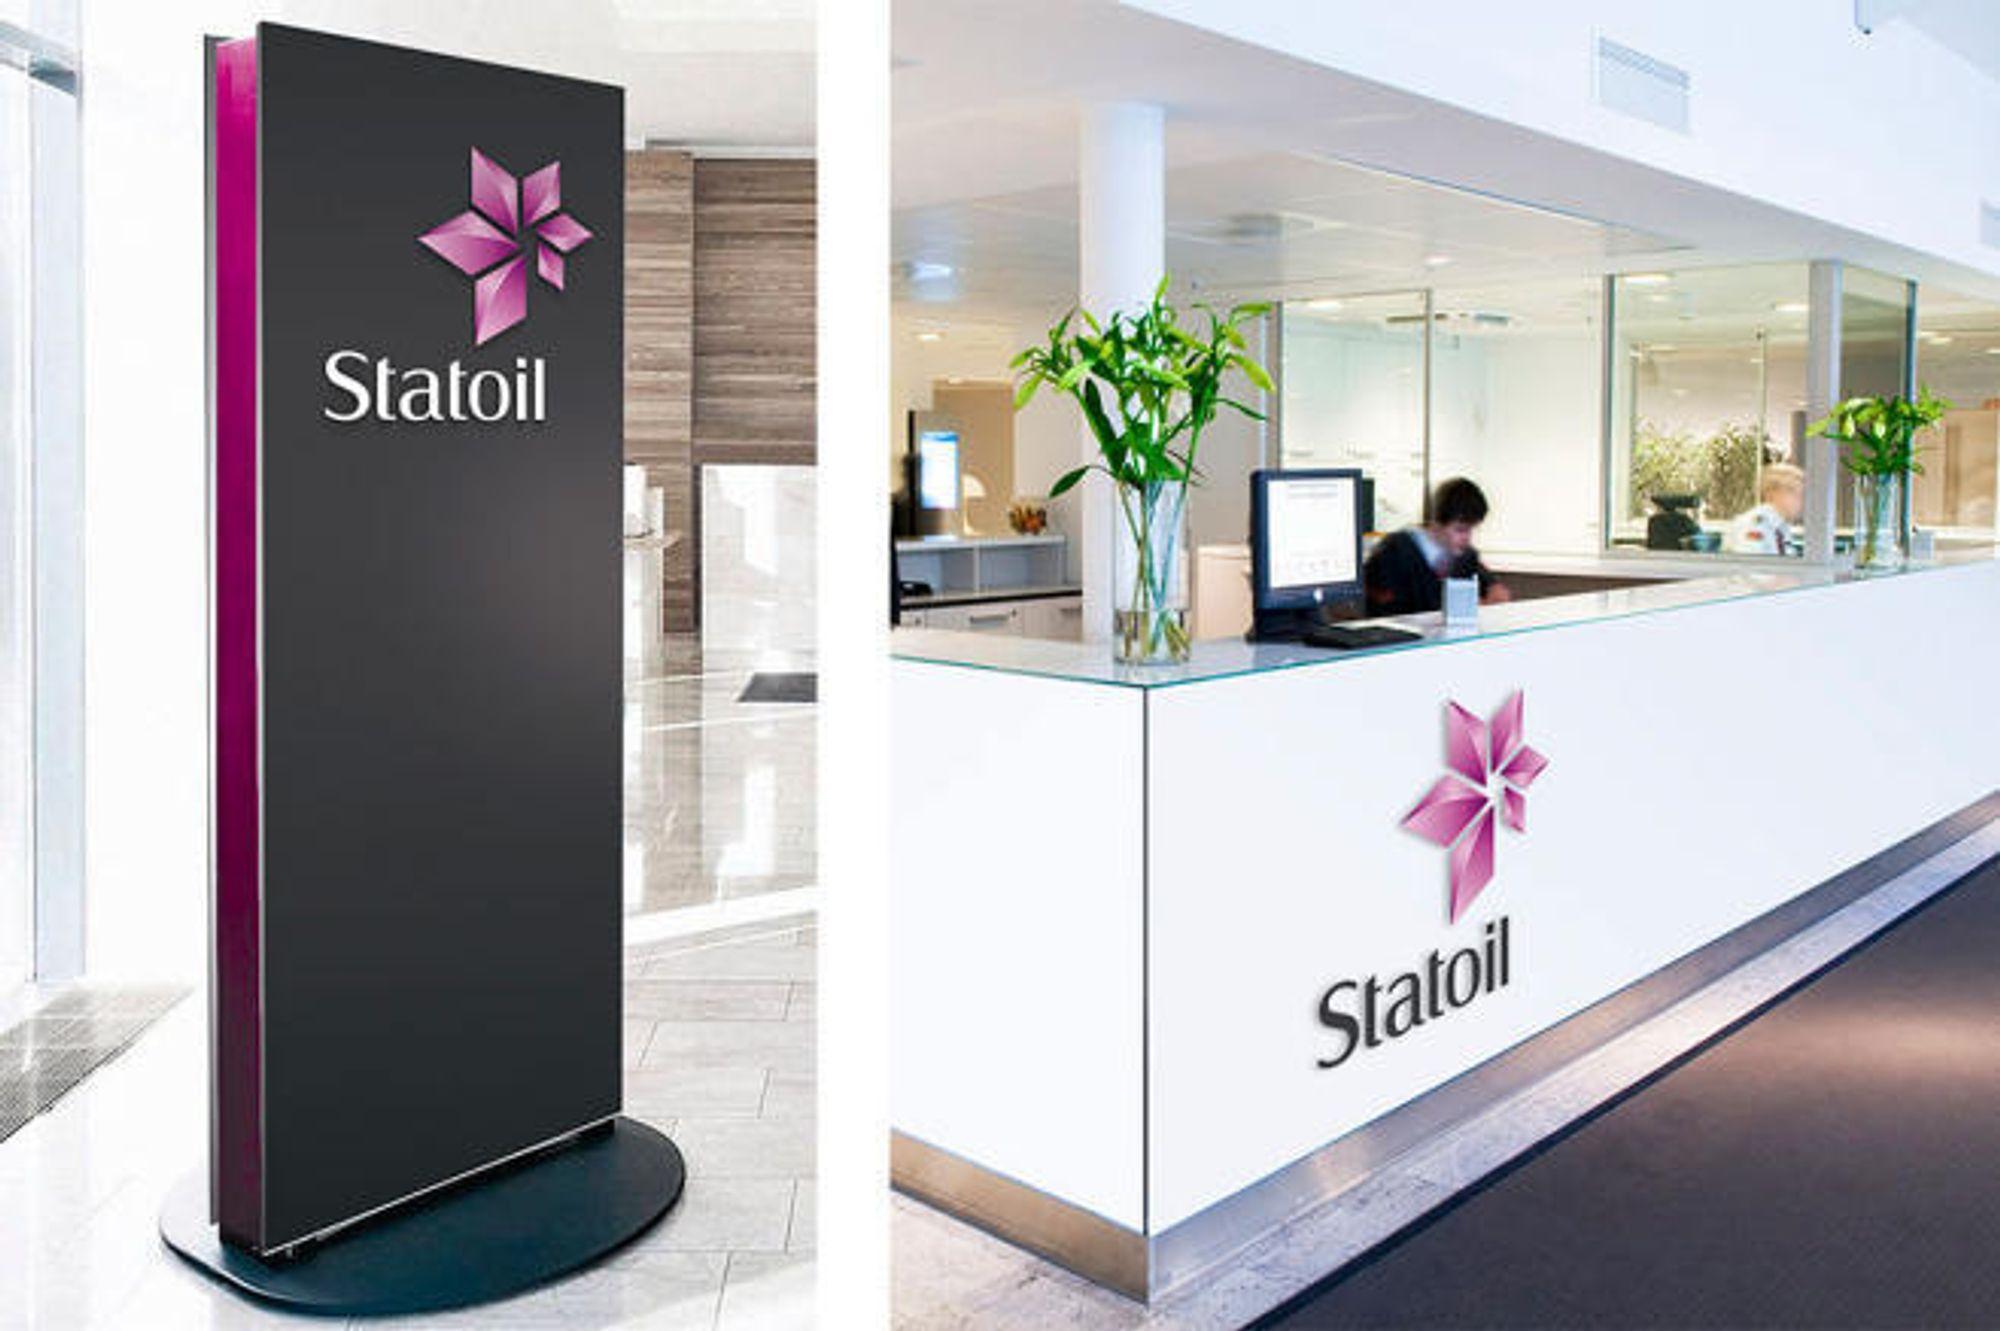 """StatoilHydro blir til Statoil. Logoen har derimot fått kritikk fra merkevareeksperter, som blant annet har sagt at """"den er OK for et spa, men ikke for et selskap som StatoilHydro""""."""